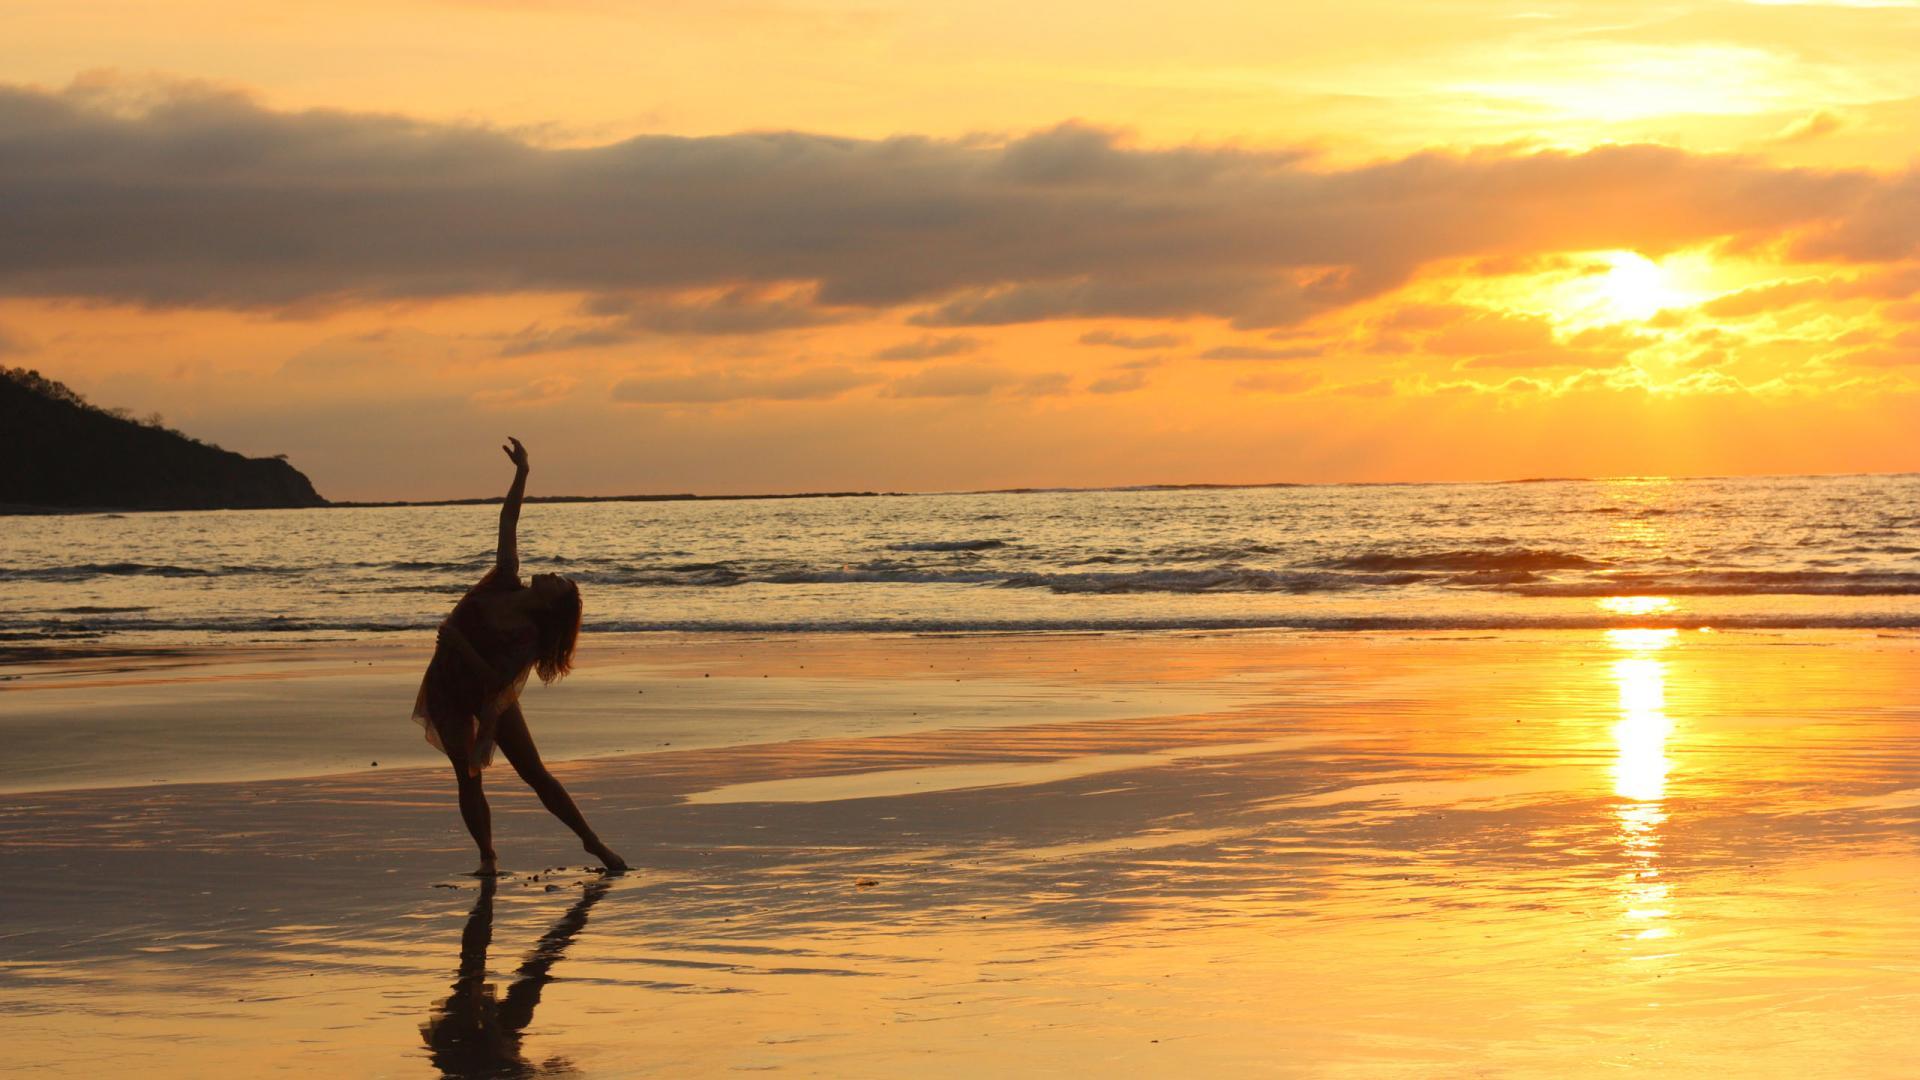 Beach-Sunset-Desktop-Wallpaper